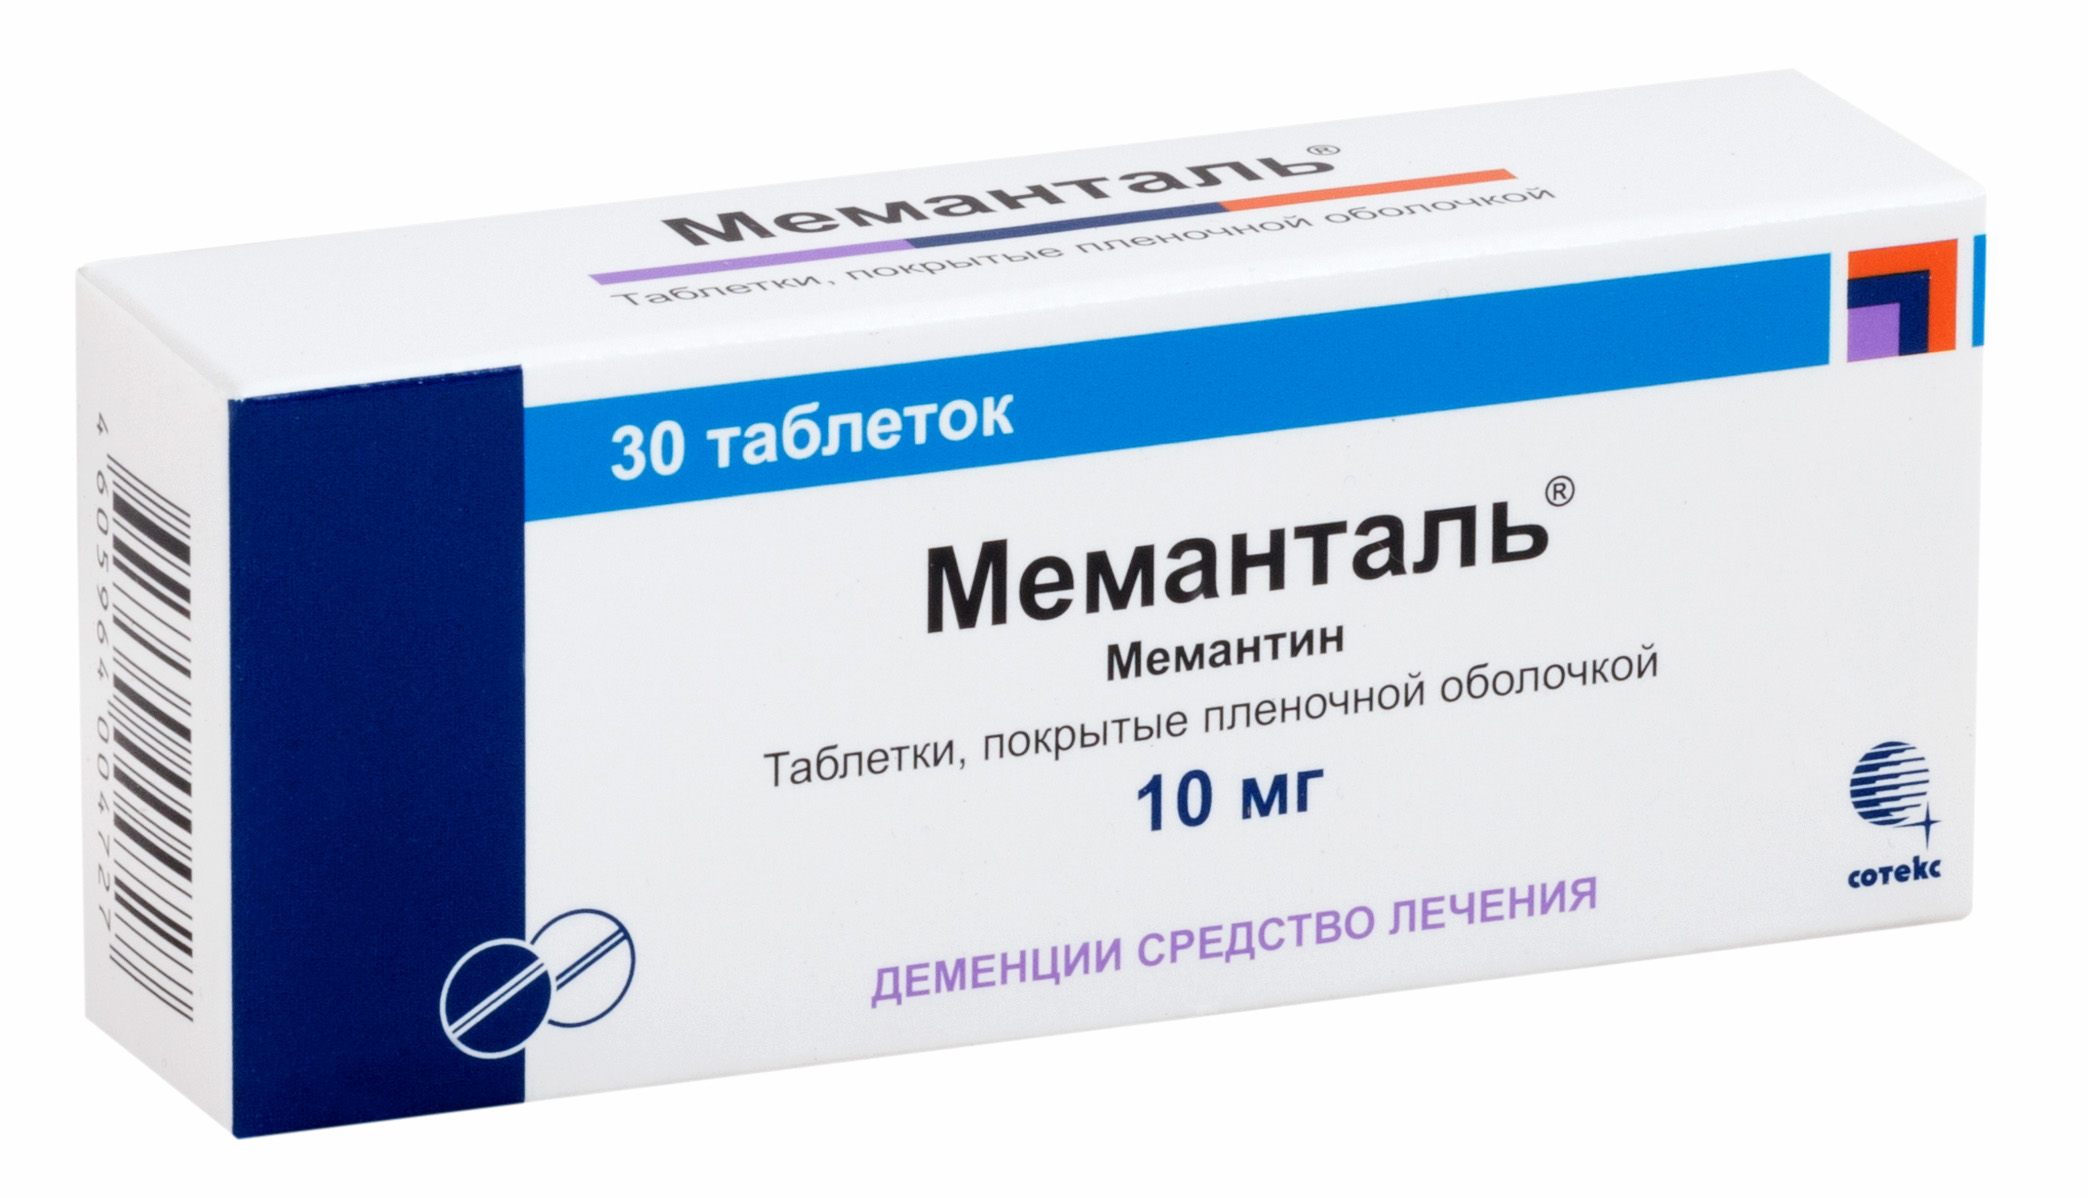 Меманталь таб. п.п.о. 10мг n30